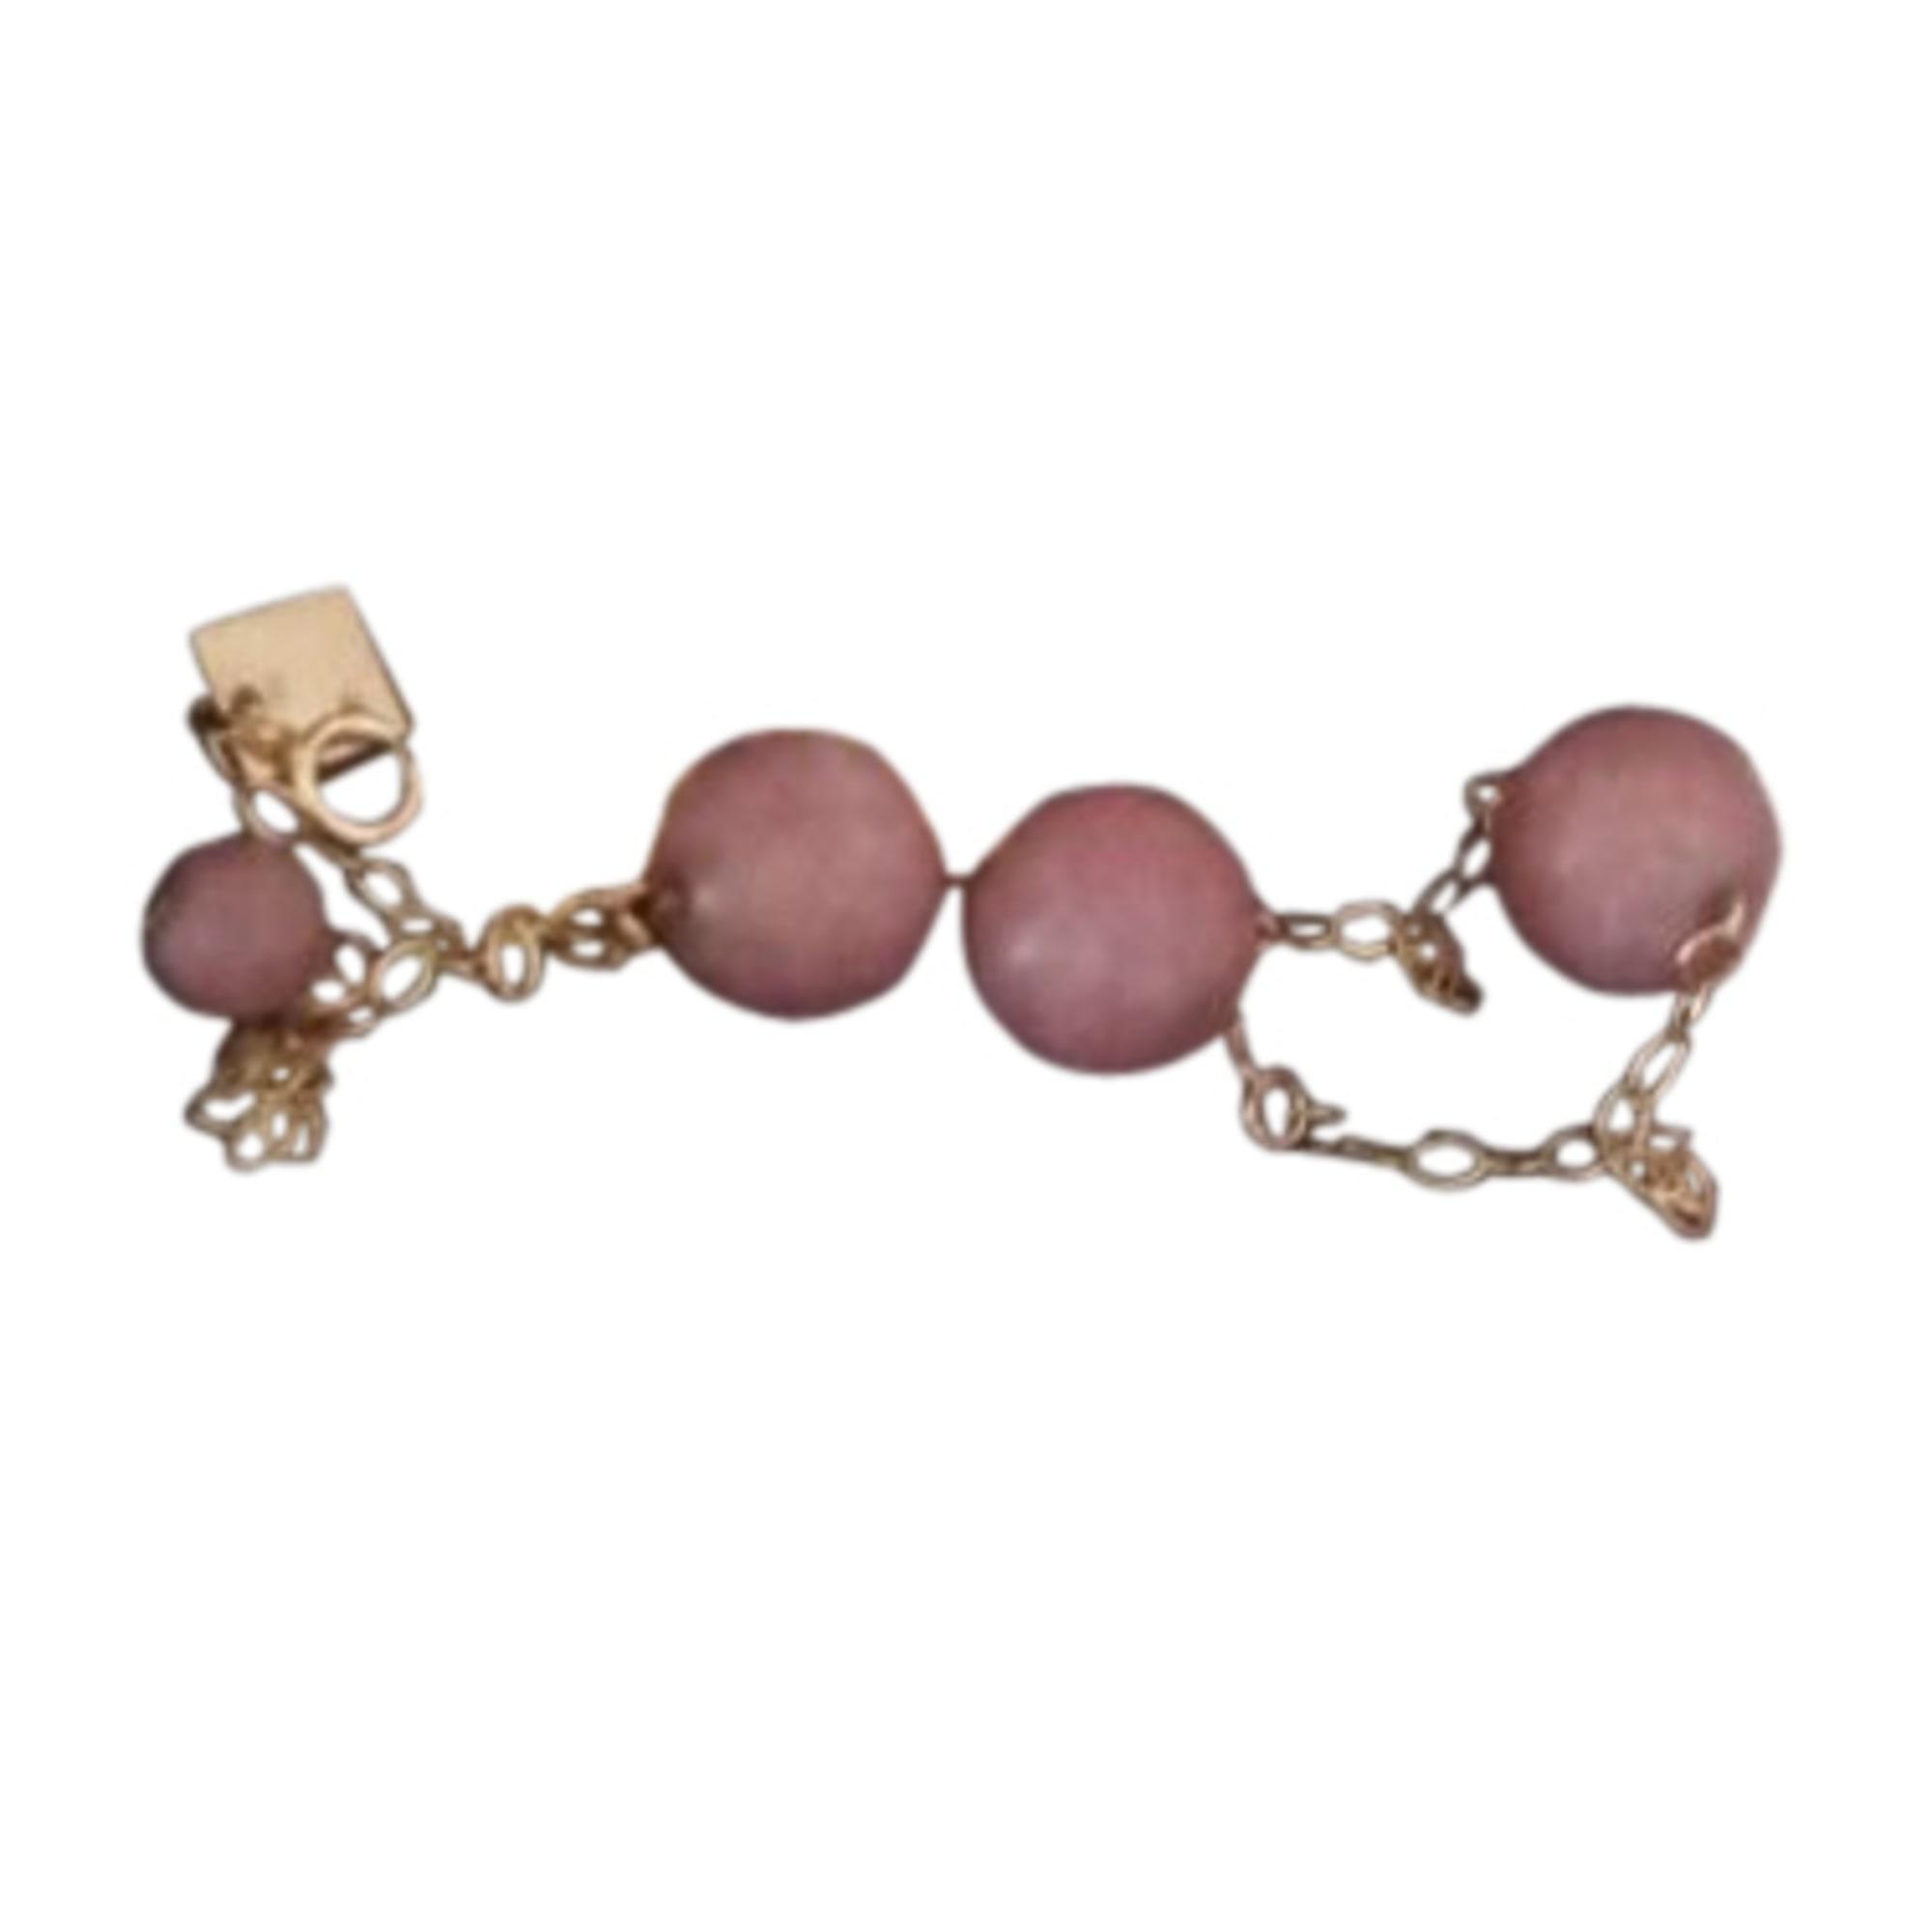 Bracelet GINETTE NY Golden, bronze, copper